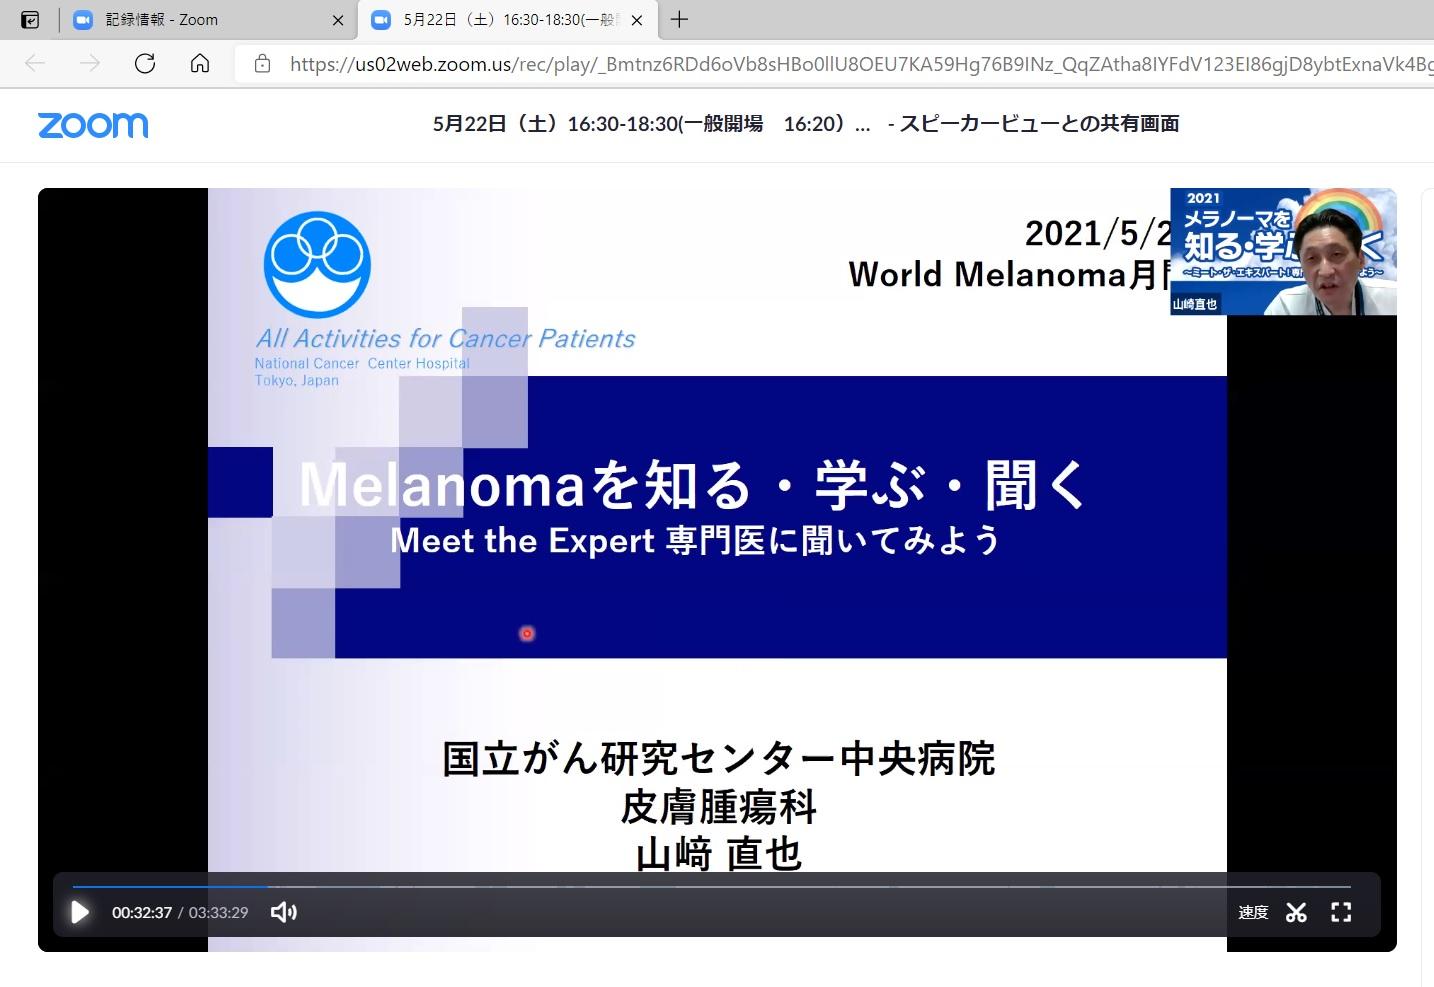 5/22「メラノーマを知る・学ぶ・聞く2021~ミート・ザ・エキスパート」 オンラインセミナー開催致しました